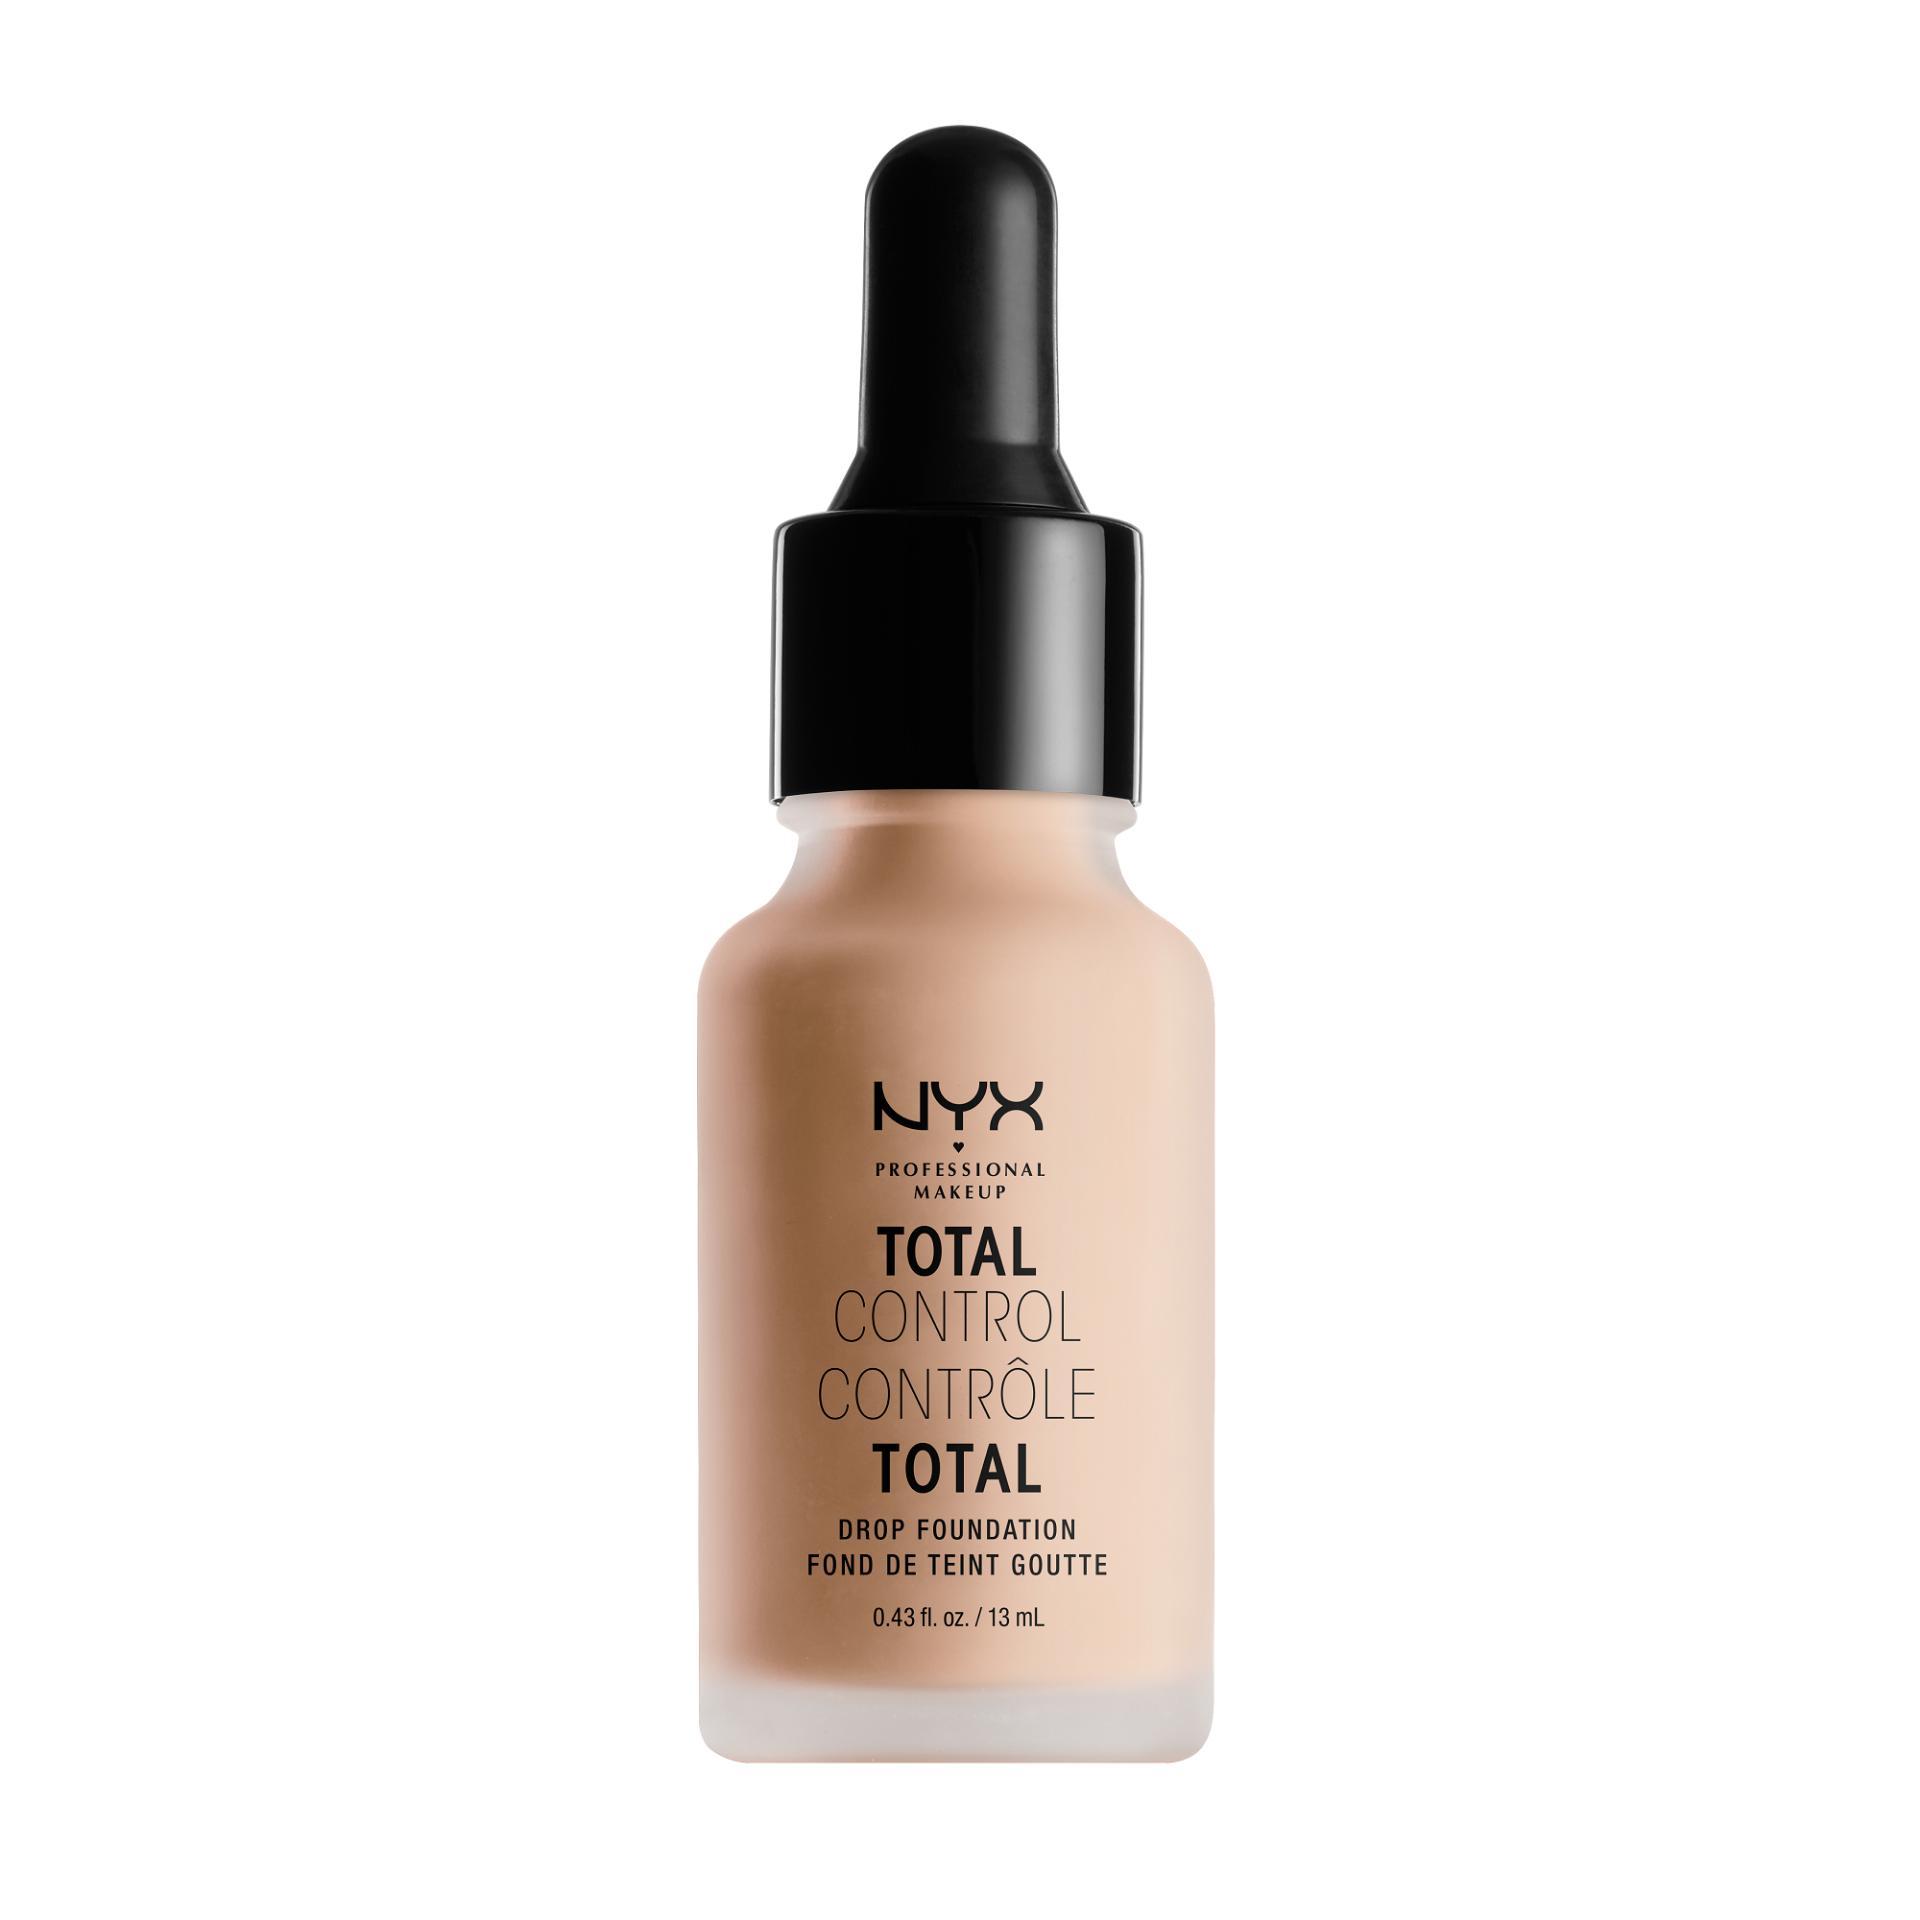 Nyx Professional Makeup Total Control Drop Foundation Light Alas Bedak Cair Liquid Hasil Matte Untuk Kulit Normal Dan Berminyak Termasuk Dropper Pipet Nyx Professional Makeup Diskon 40